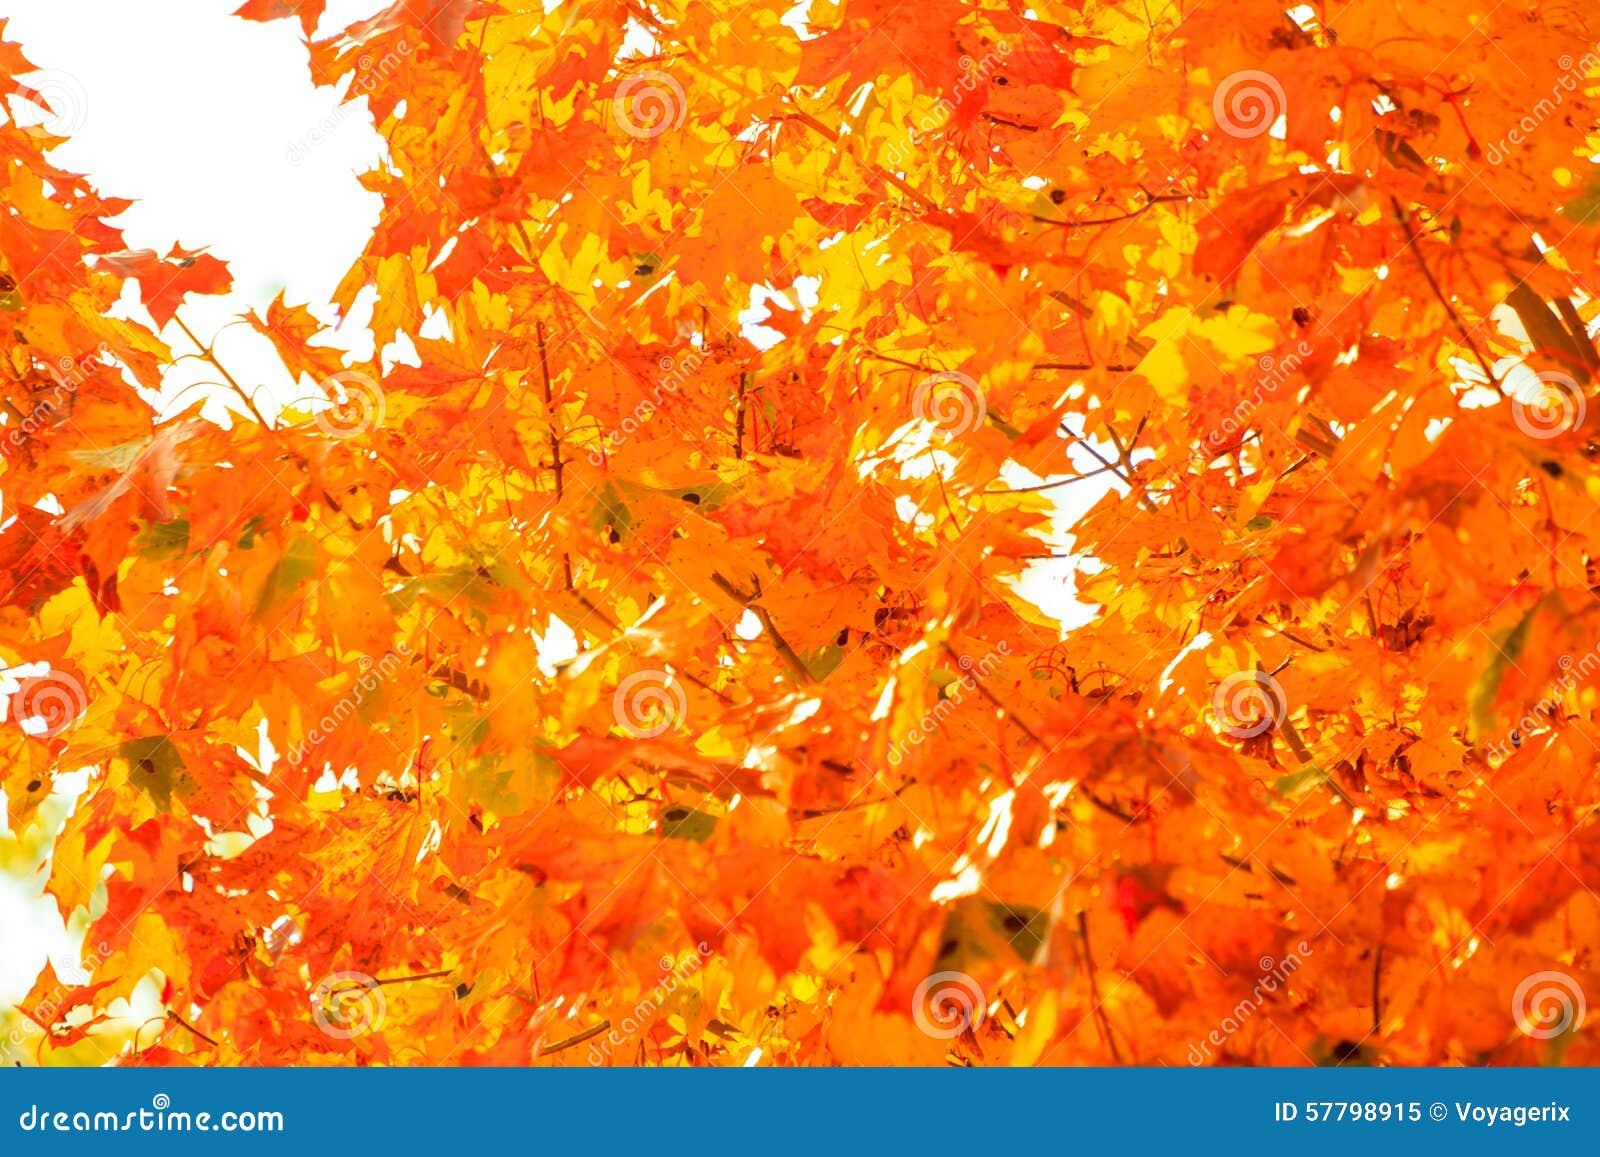 Fond de nature d 39 arbres de chute de feuilles d 39 automne - Image feuille automne ...